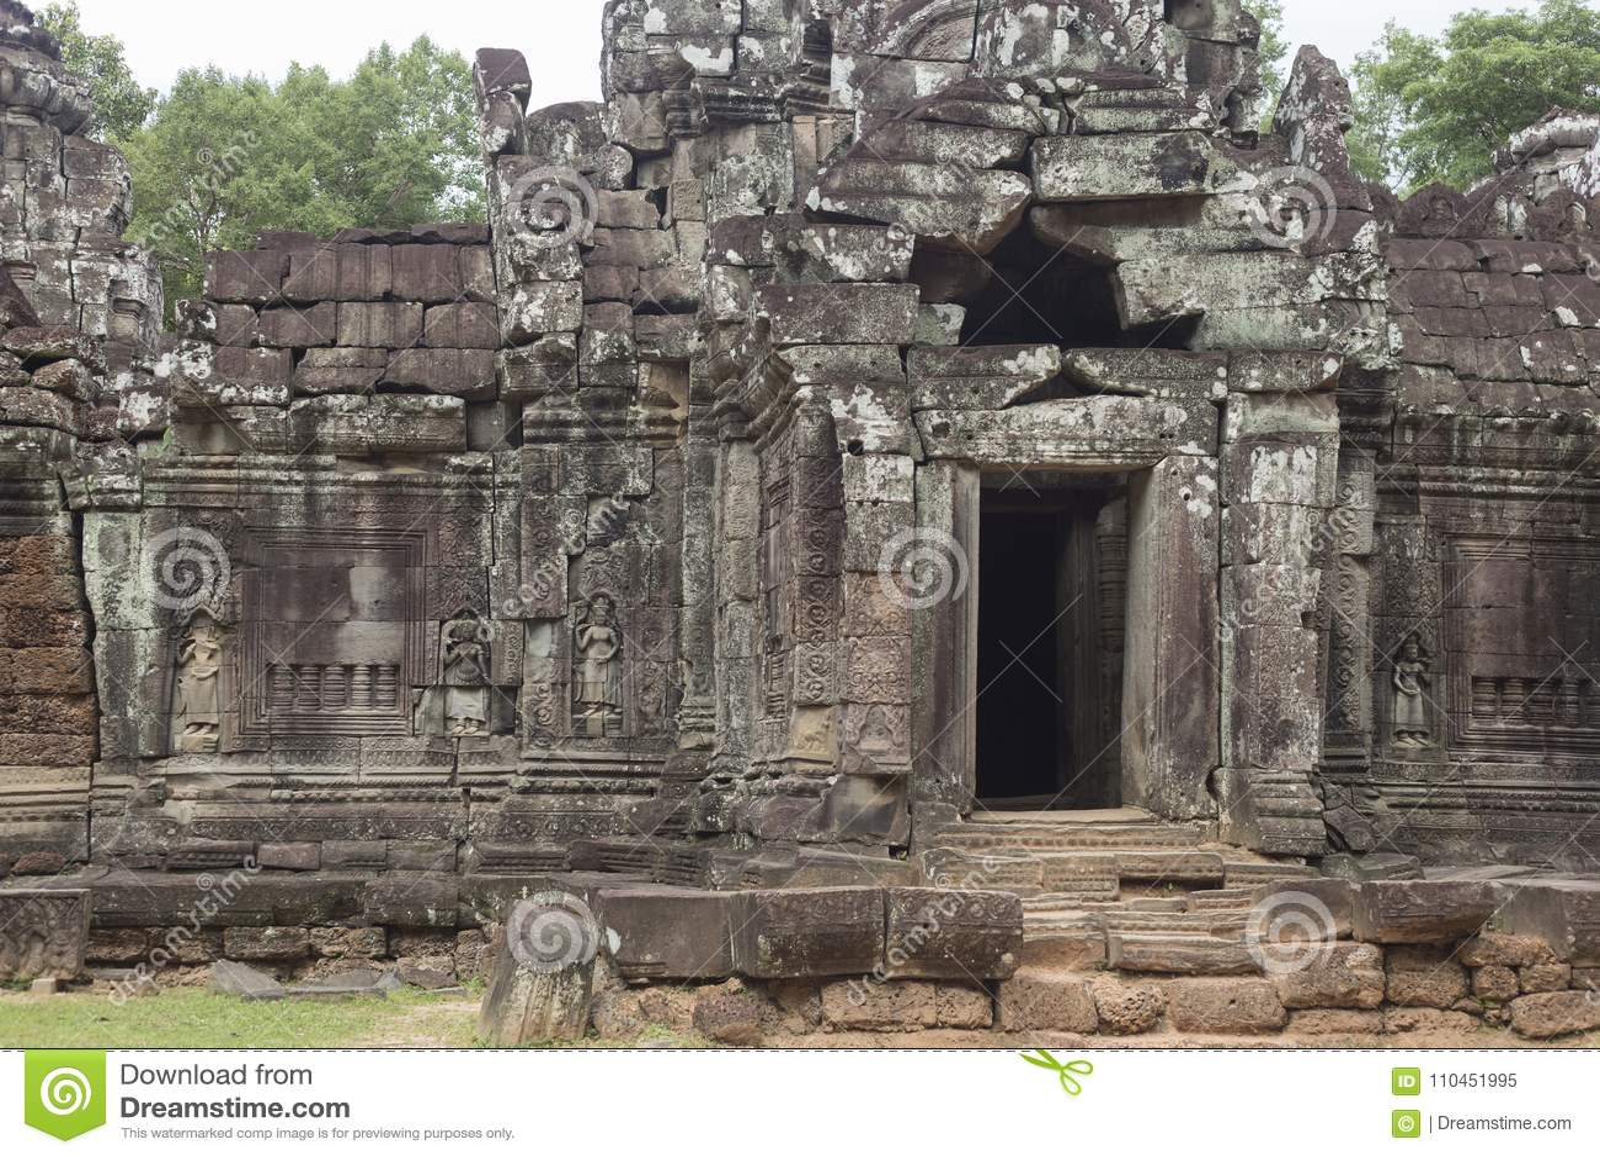 Utfärda utegångsförbud för och hänrycka till Ta-Somtemplet i Angkor och skulpturer